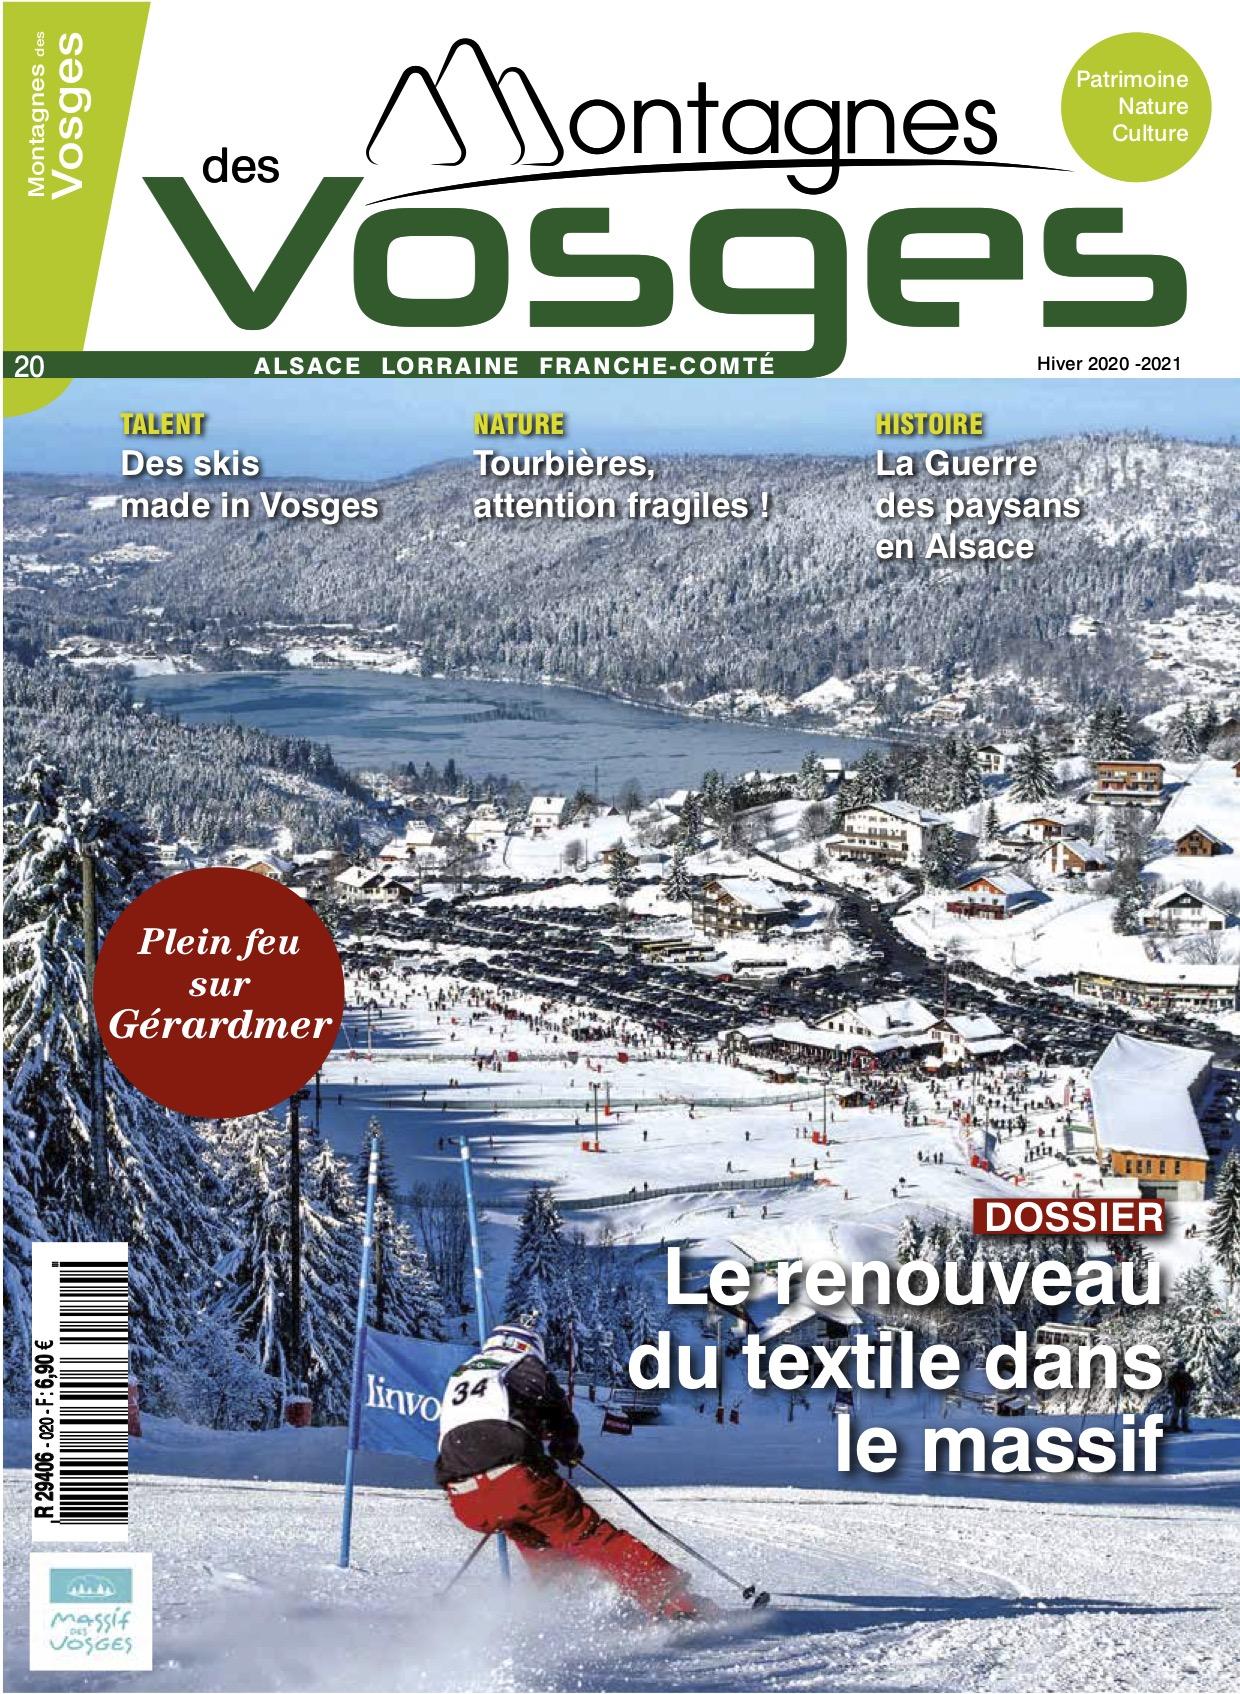 Magazine Montagnes des vosges - Le numéro 20 Hiver 2020/2021 EST EN VENTE EN KIOSQUE !